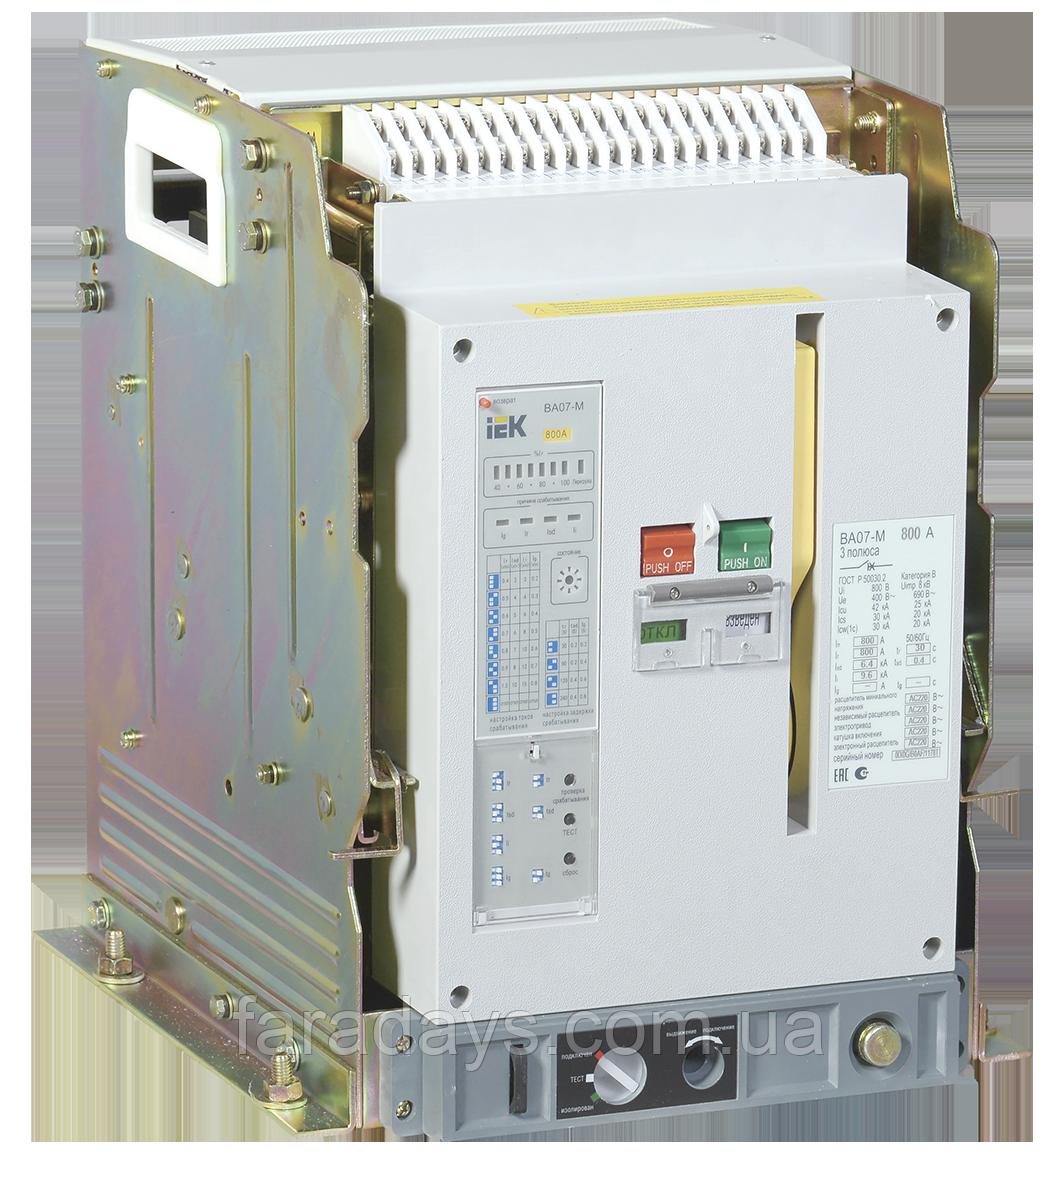 Автоматичний вимикач 3р, 42kA, 800А (ВА07-М IEK) з комбінованим розчіплювачем, висувне виконання